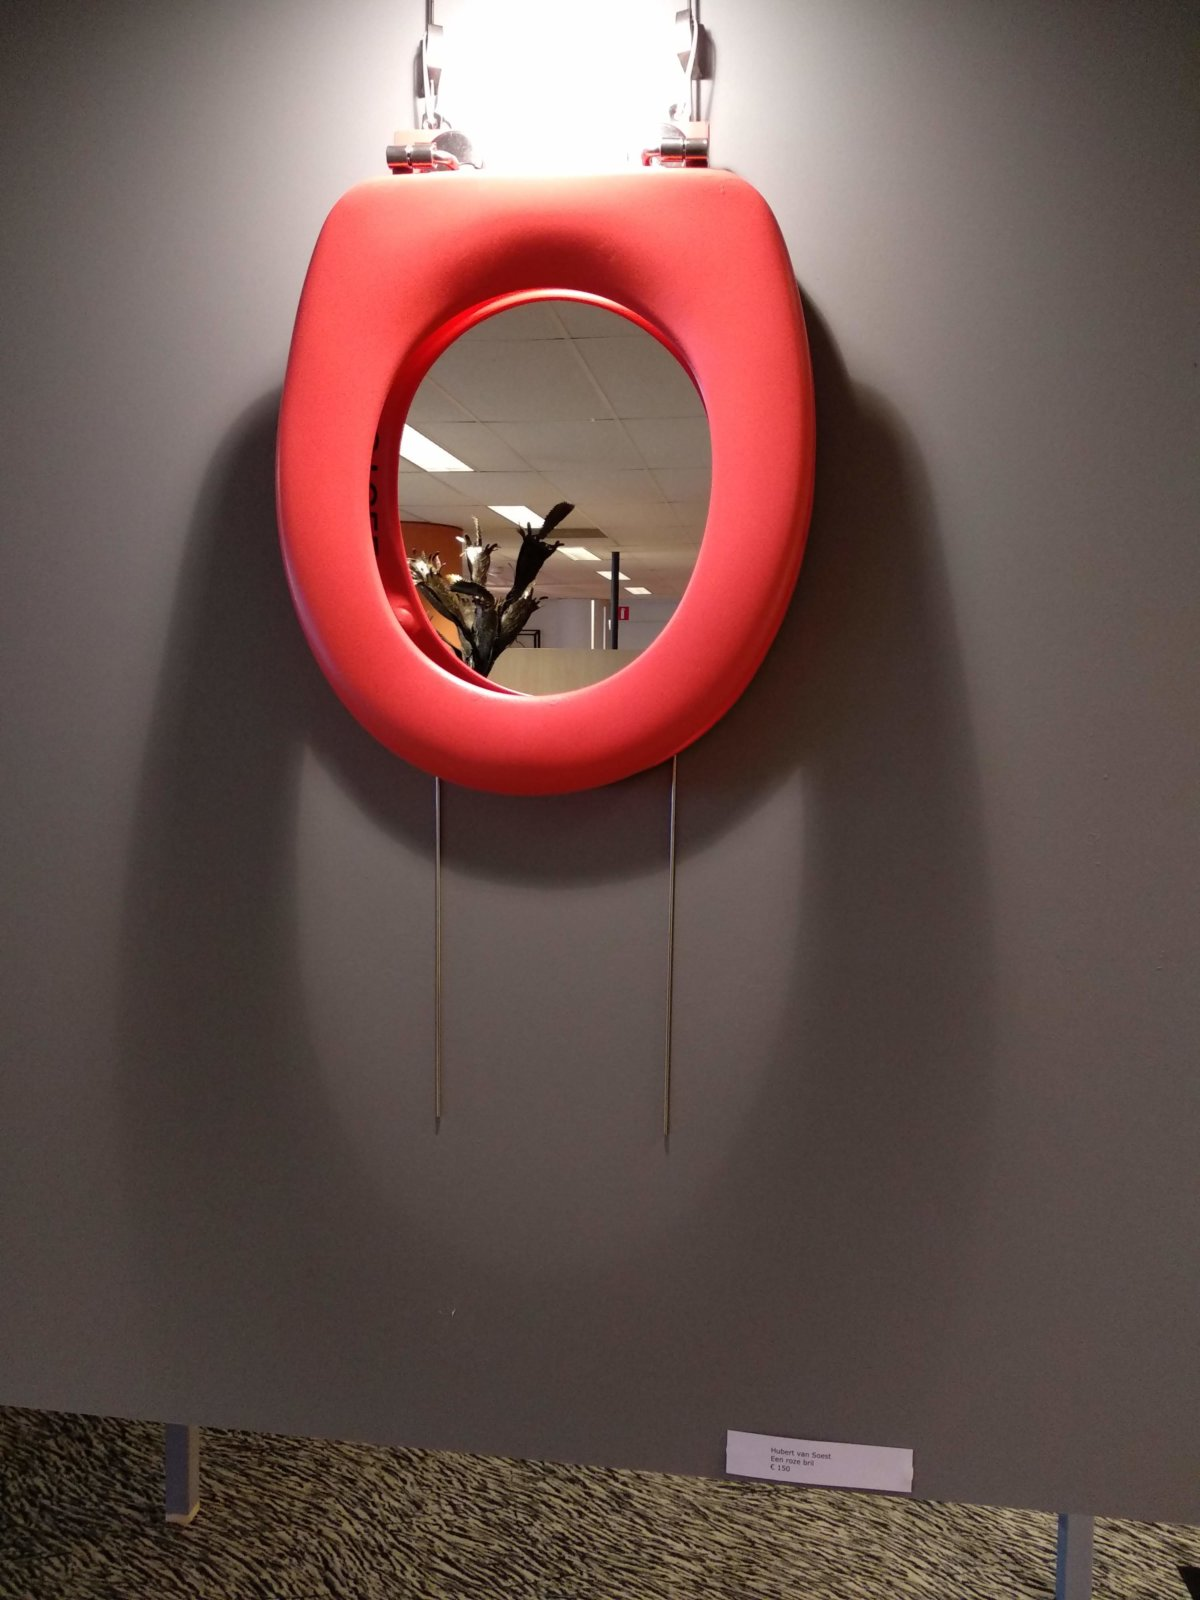 Kunstwerk Een Roze Bril Created By Decreatievelink Upcycle Your Life Art & Design